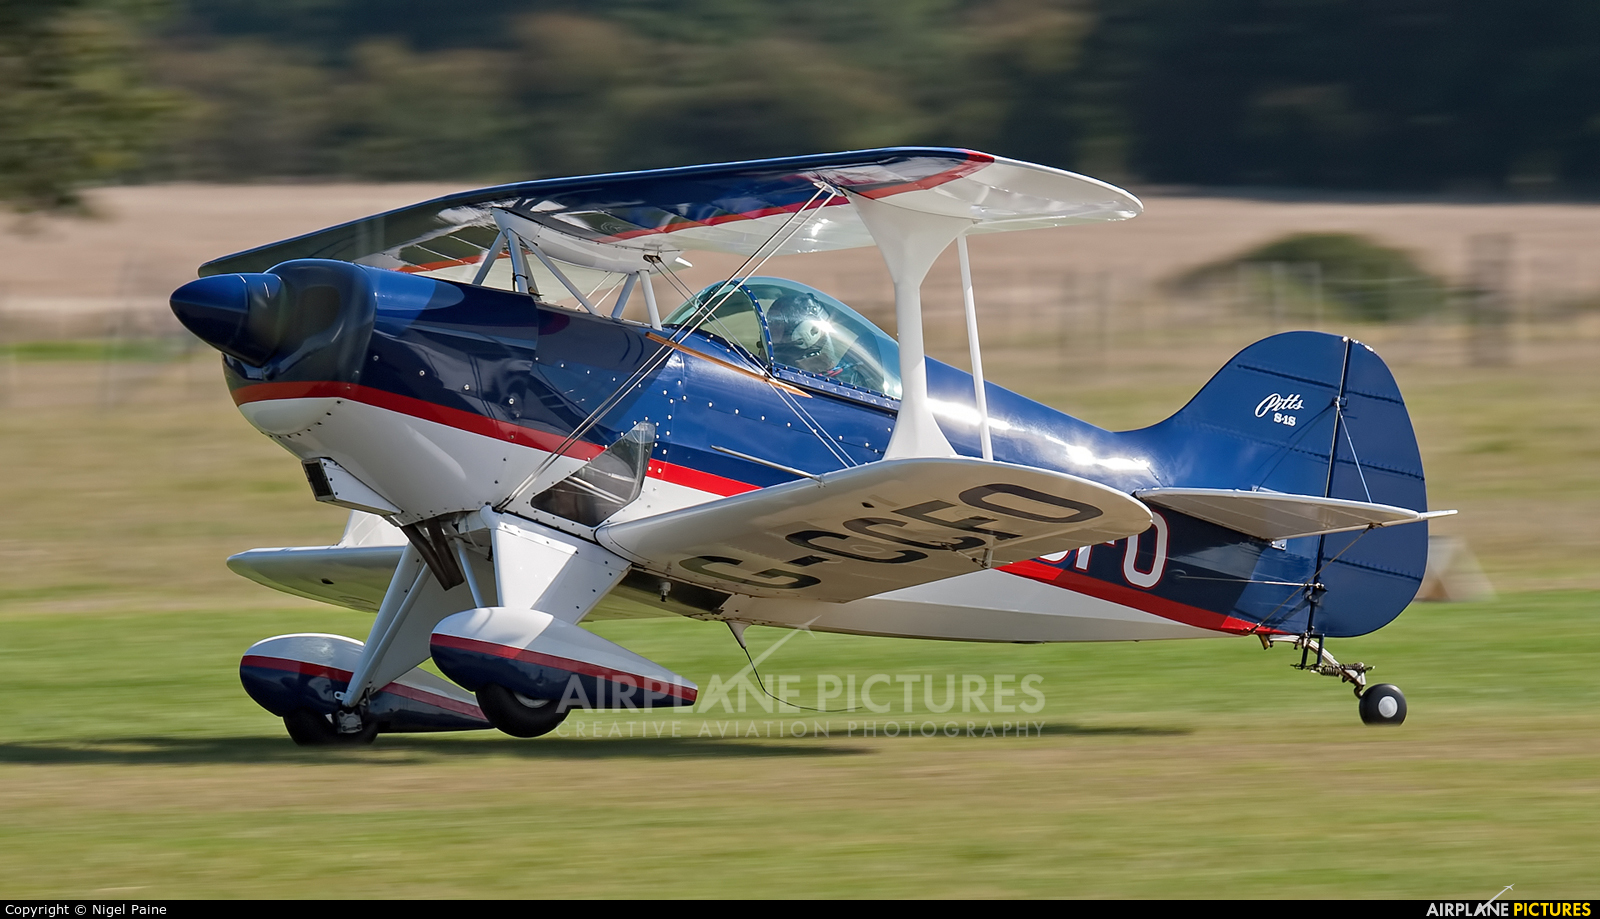 Private G-CCFO aircraft at Lashenden / Headcorn